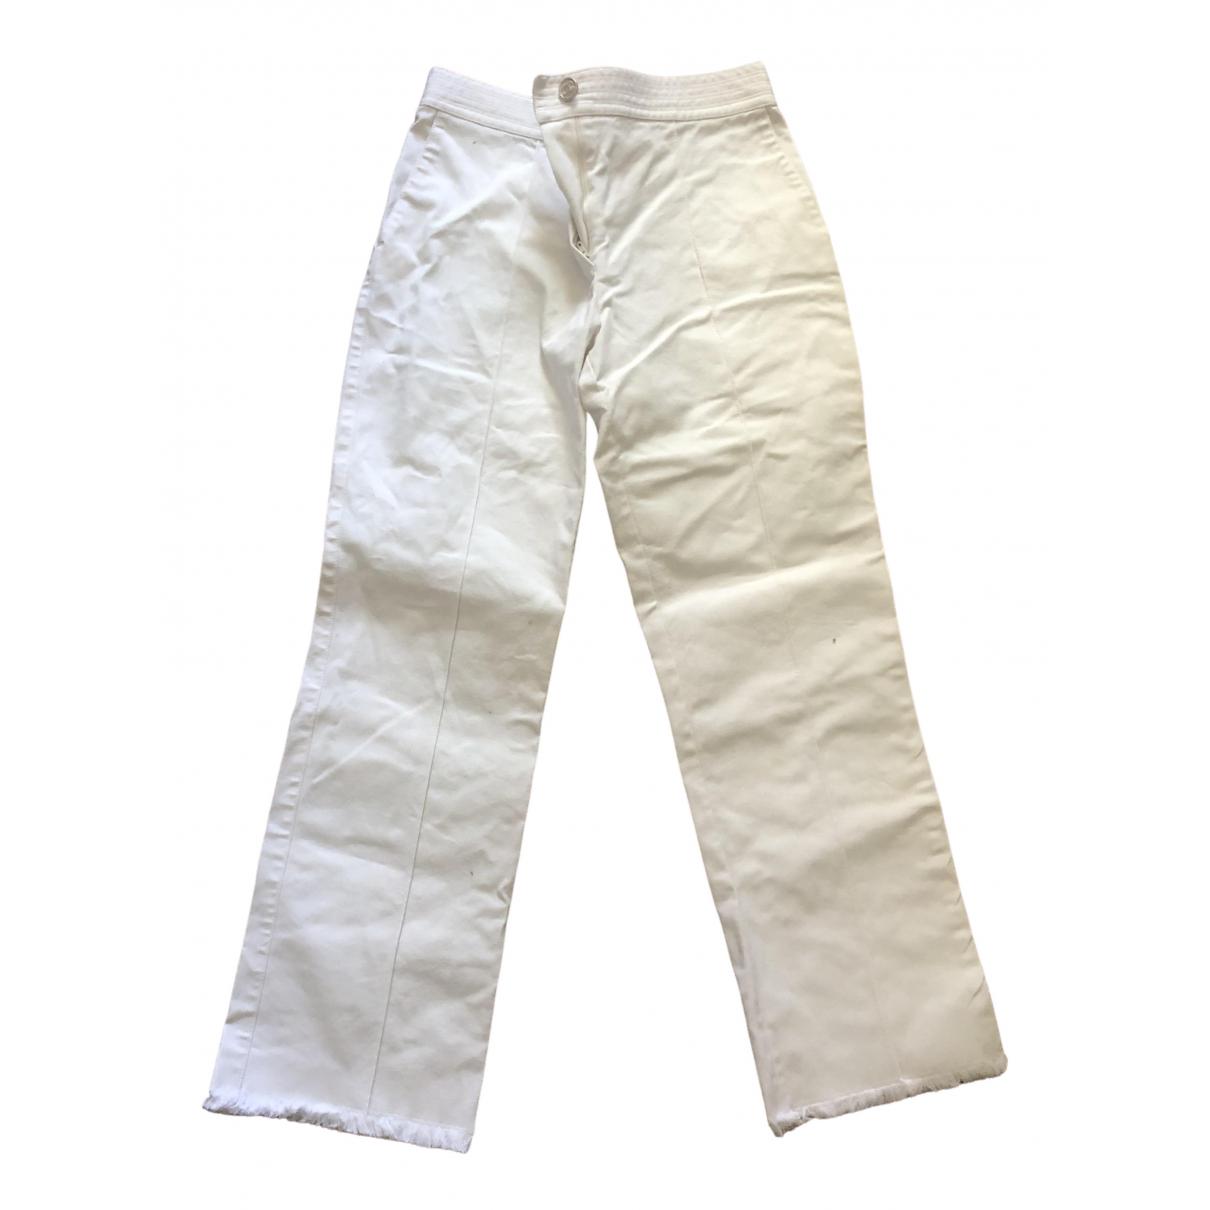 Pantalon en Algodon Blanco Chanel